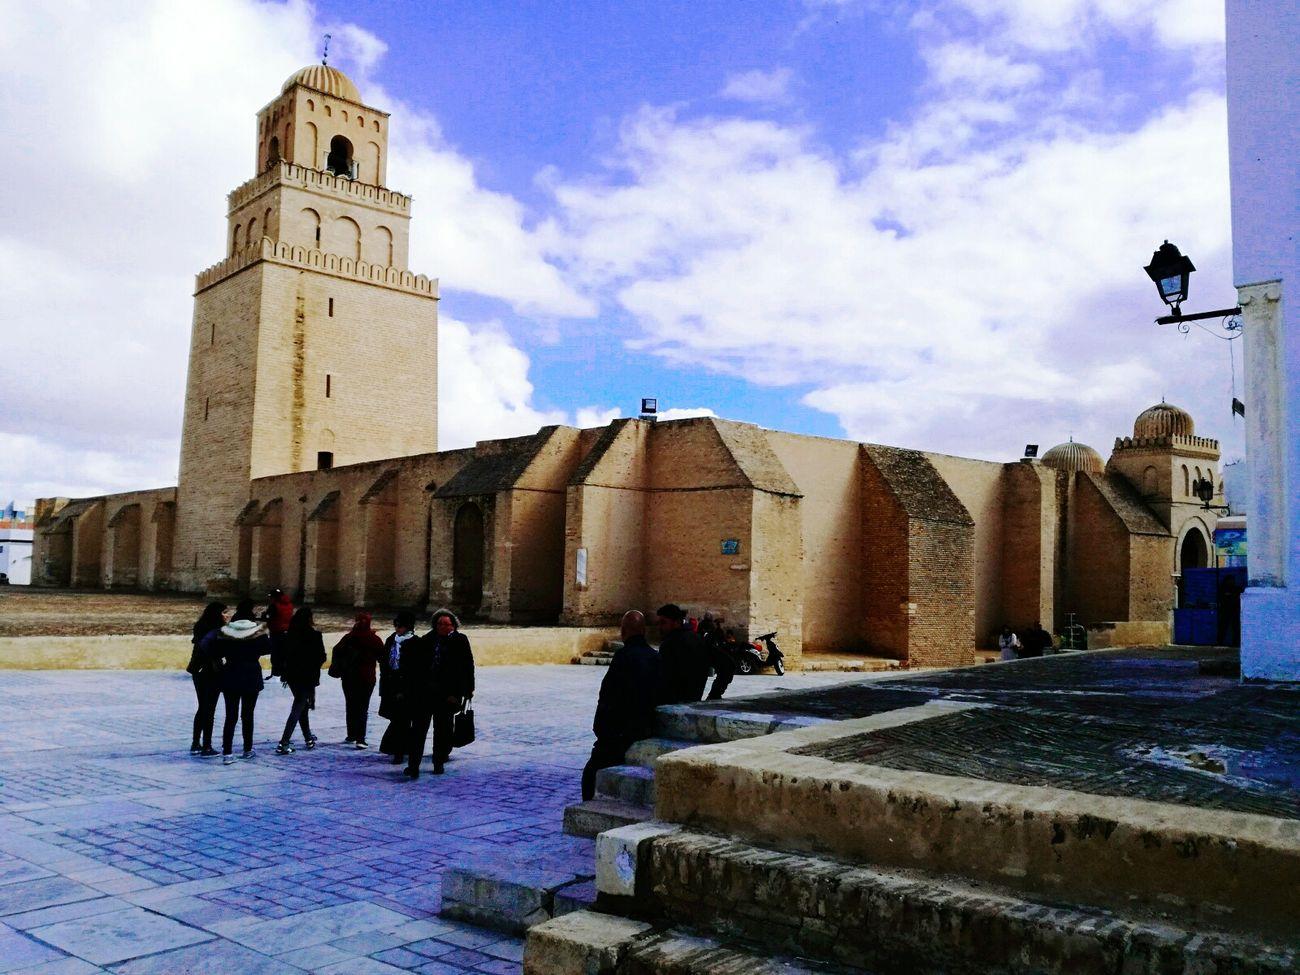 Architecture Tunisia Islamic Art Islamic Architecture Cultures Architecture Cloud - Sky Sky Day Mosque Tunisia <3